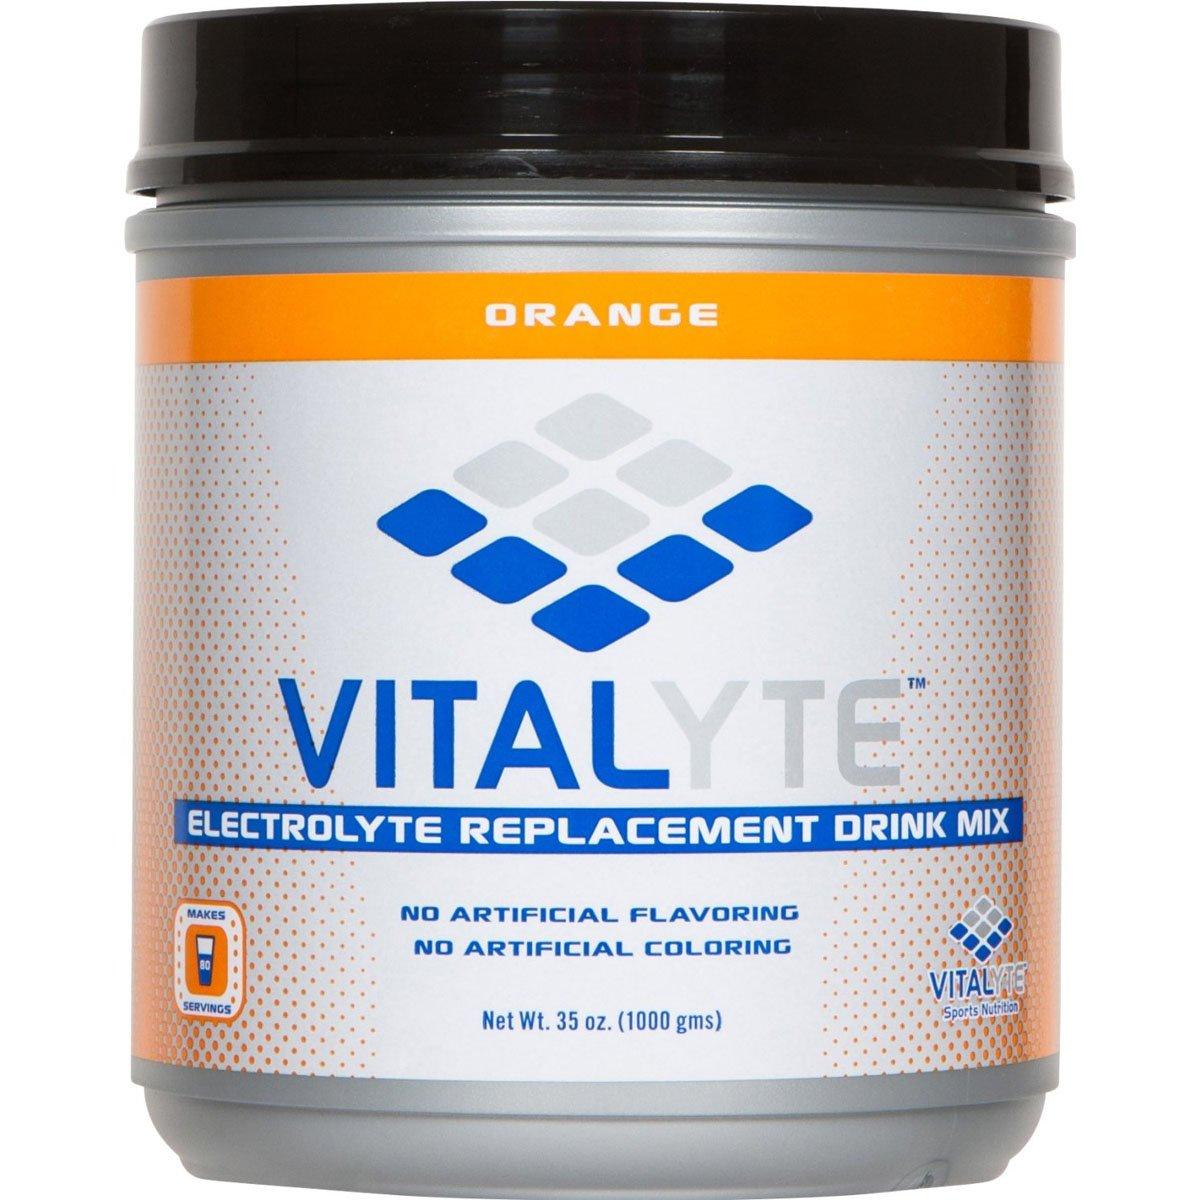 Vitalyte Sports Drink (Kilo Bidón / 80 porciones) - Orange: Amazon.es: Salud y cuidado personal